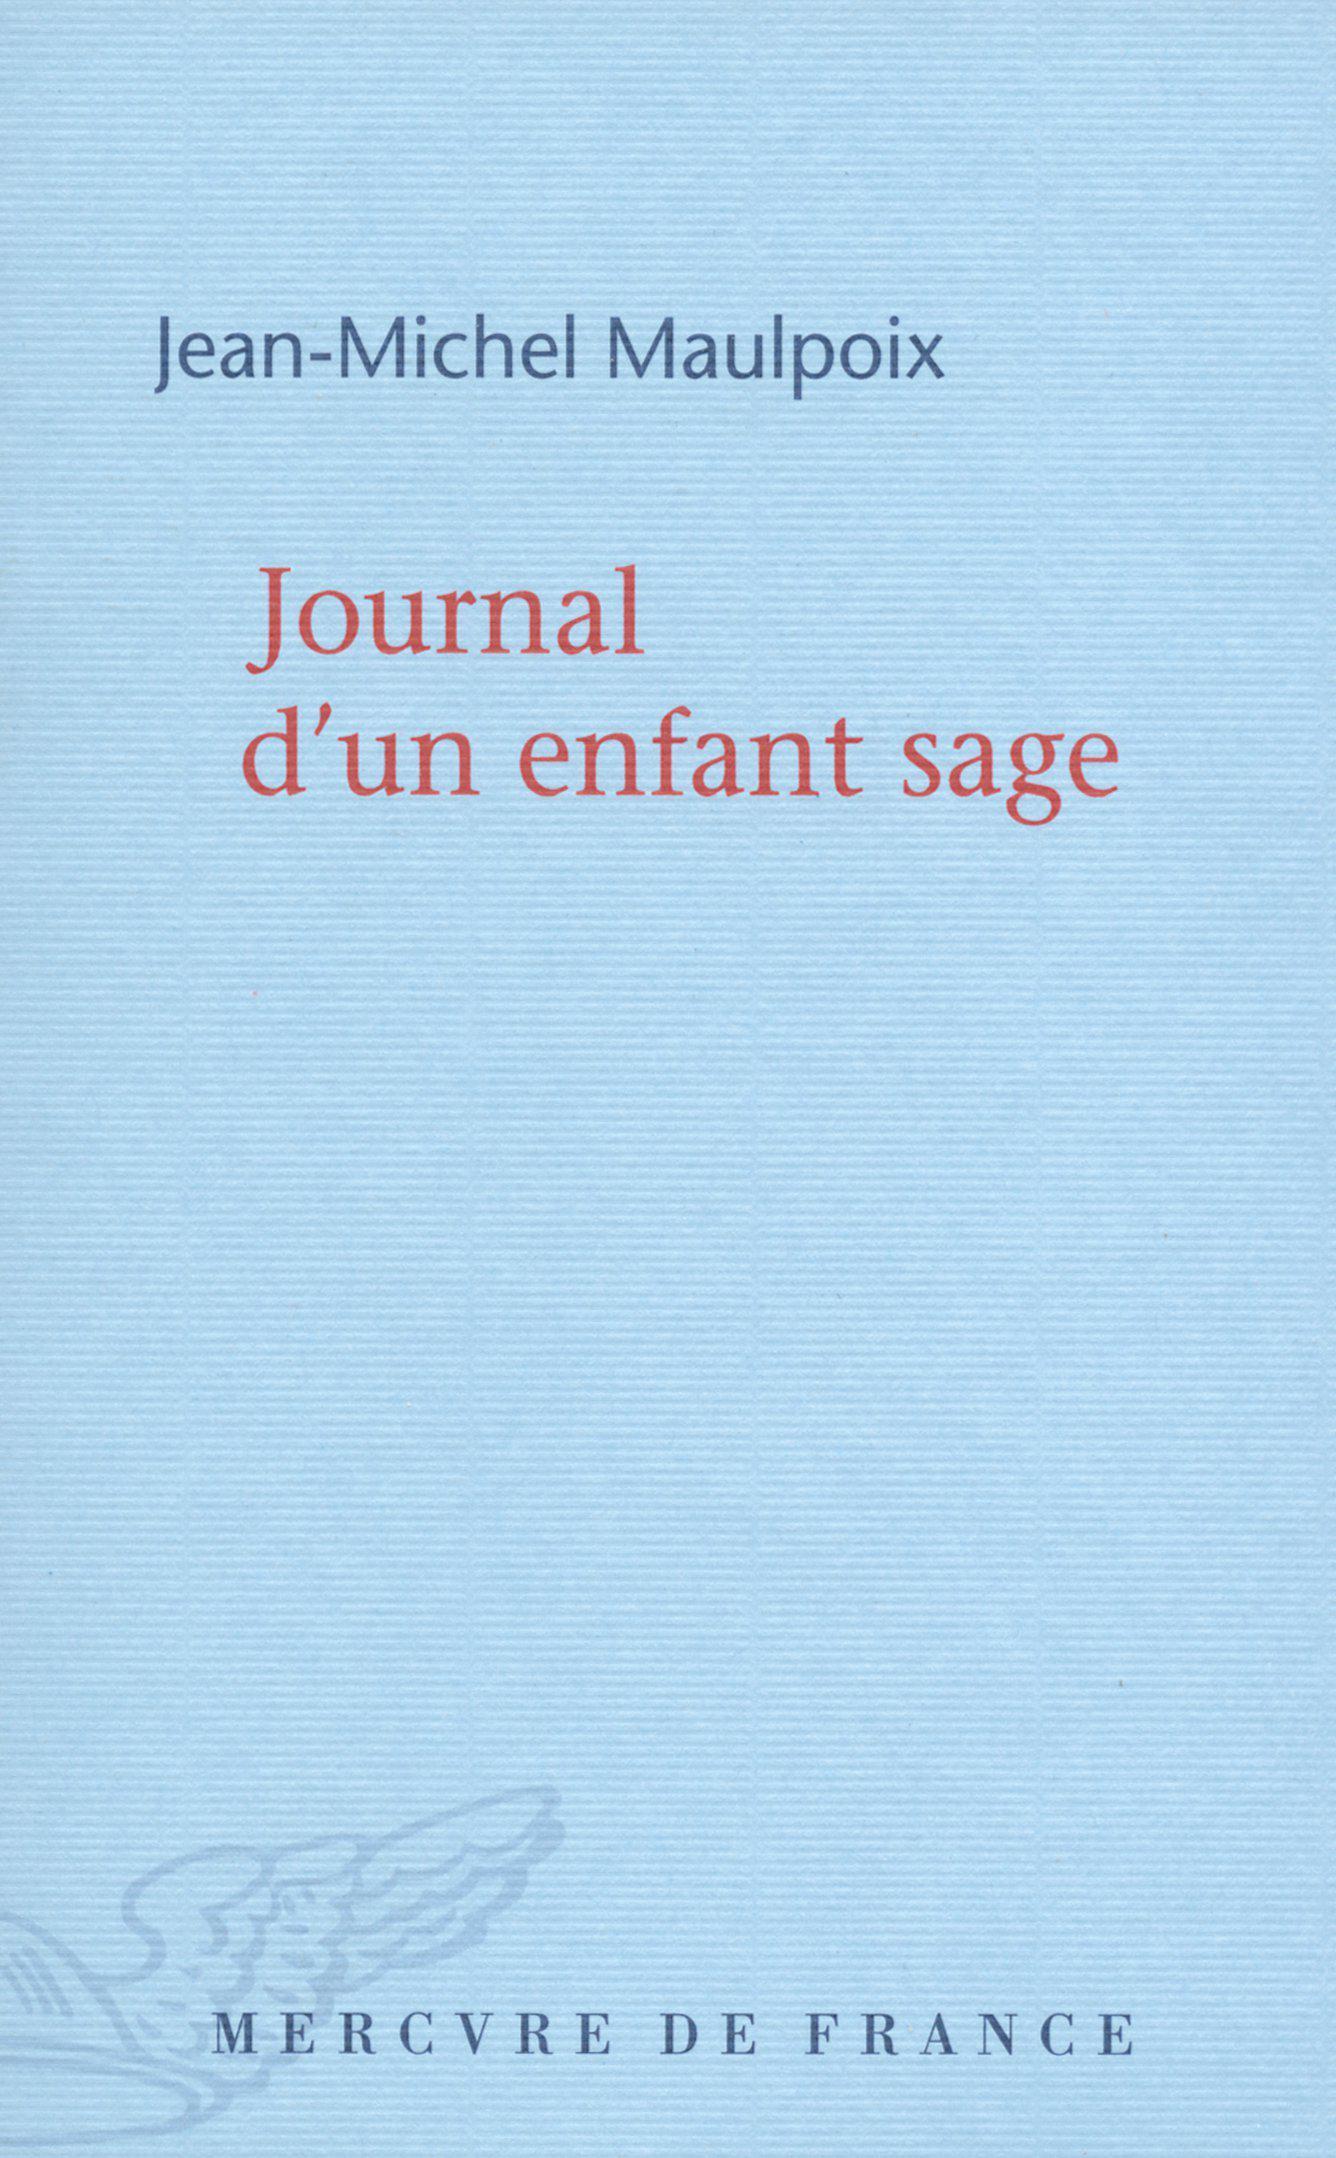 Journal d'un enfant sage